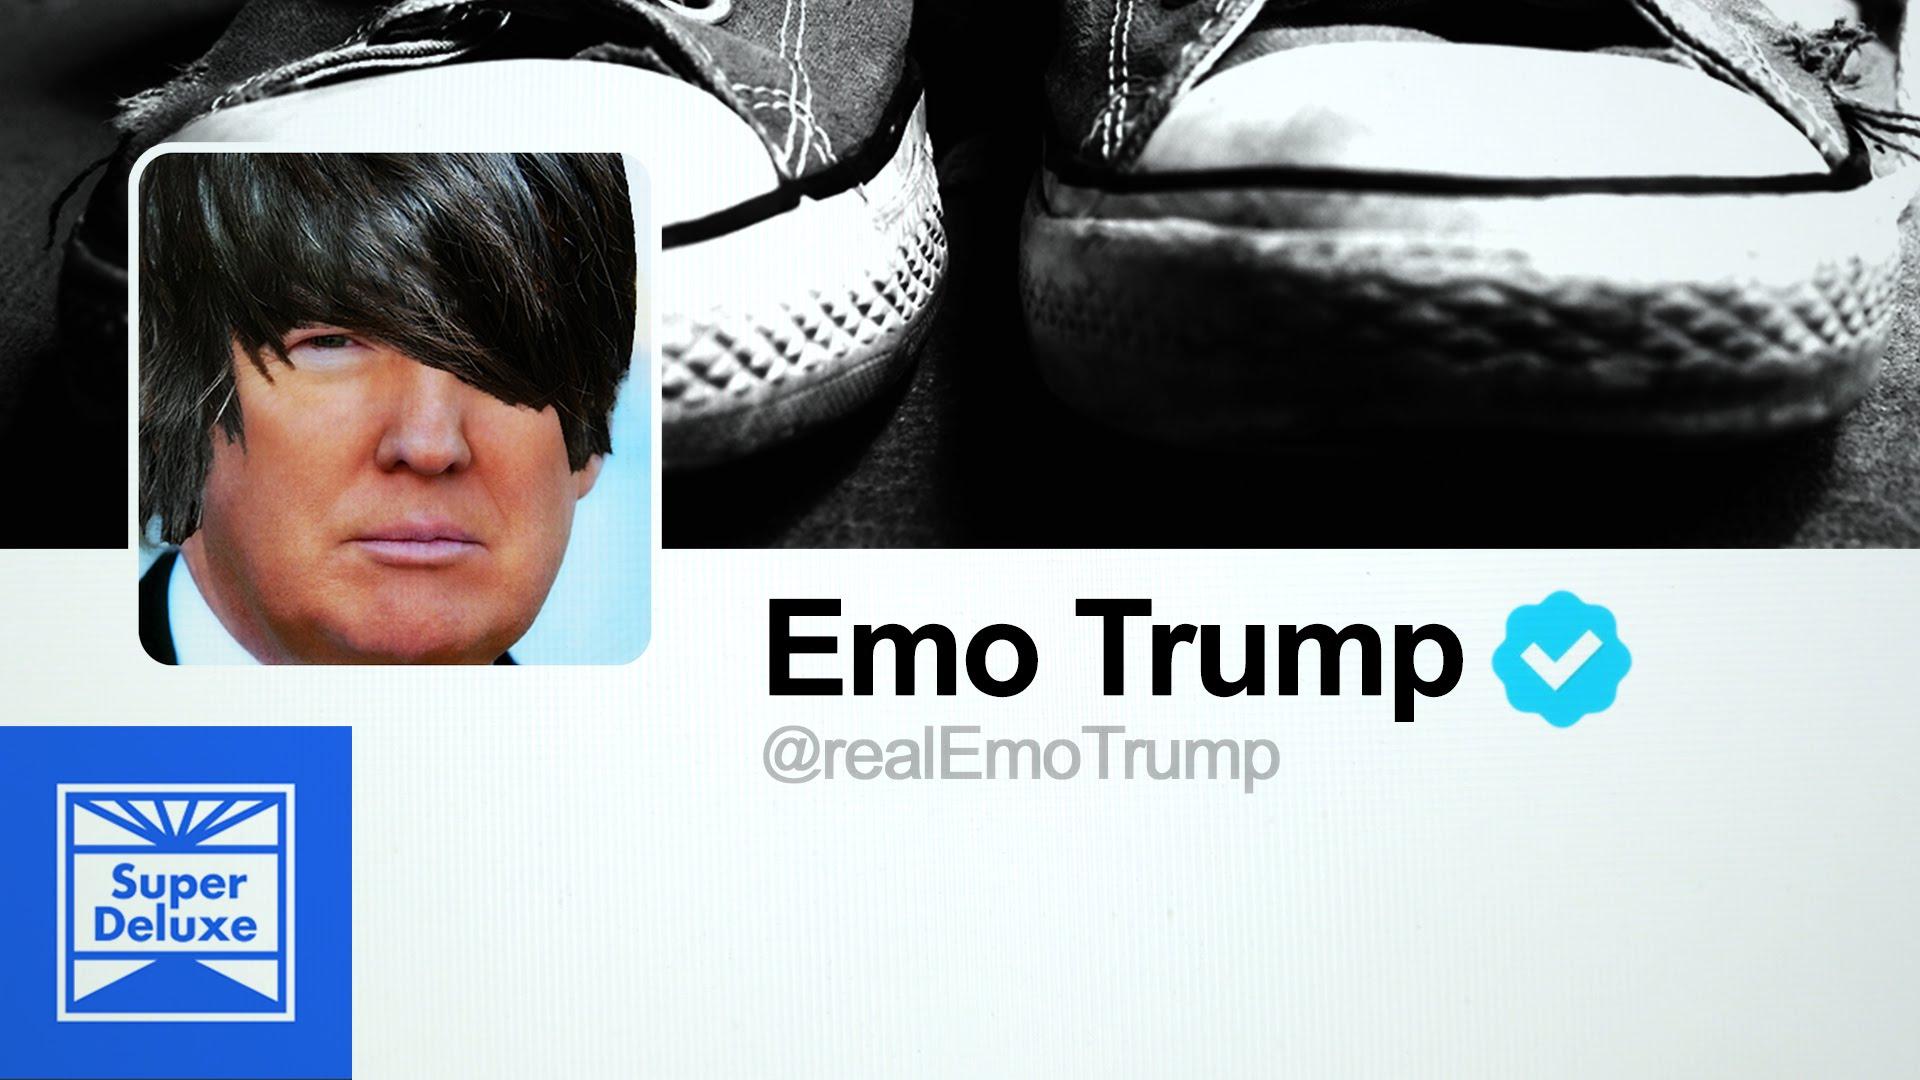 Los tweets de Donald Trump son perfectos para una canción emo y esta es la prueba